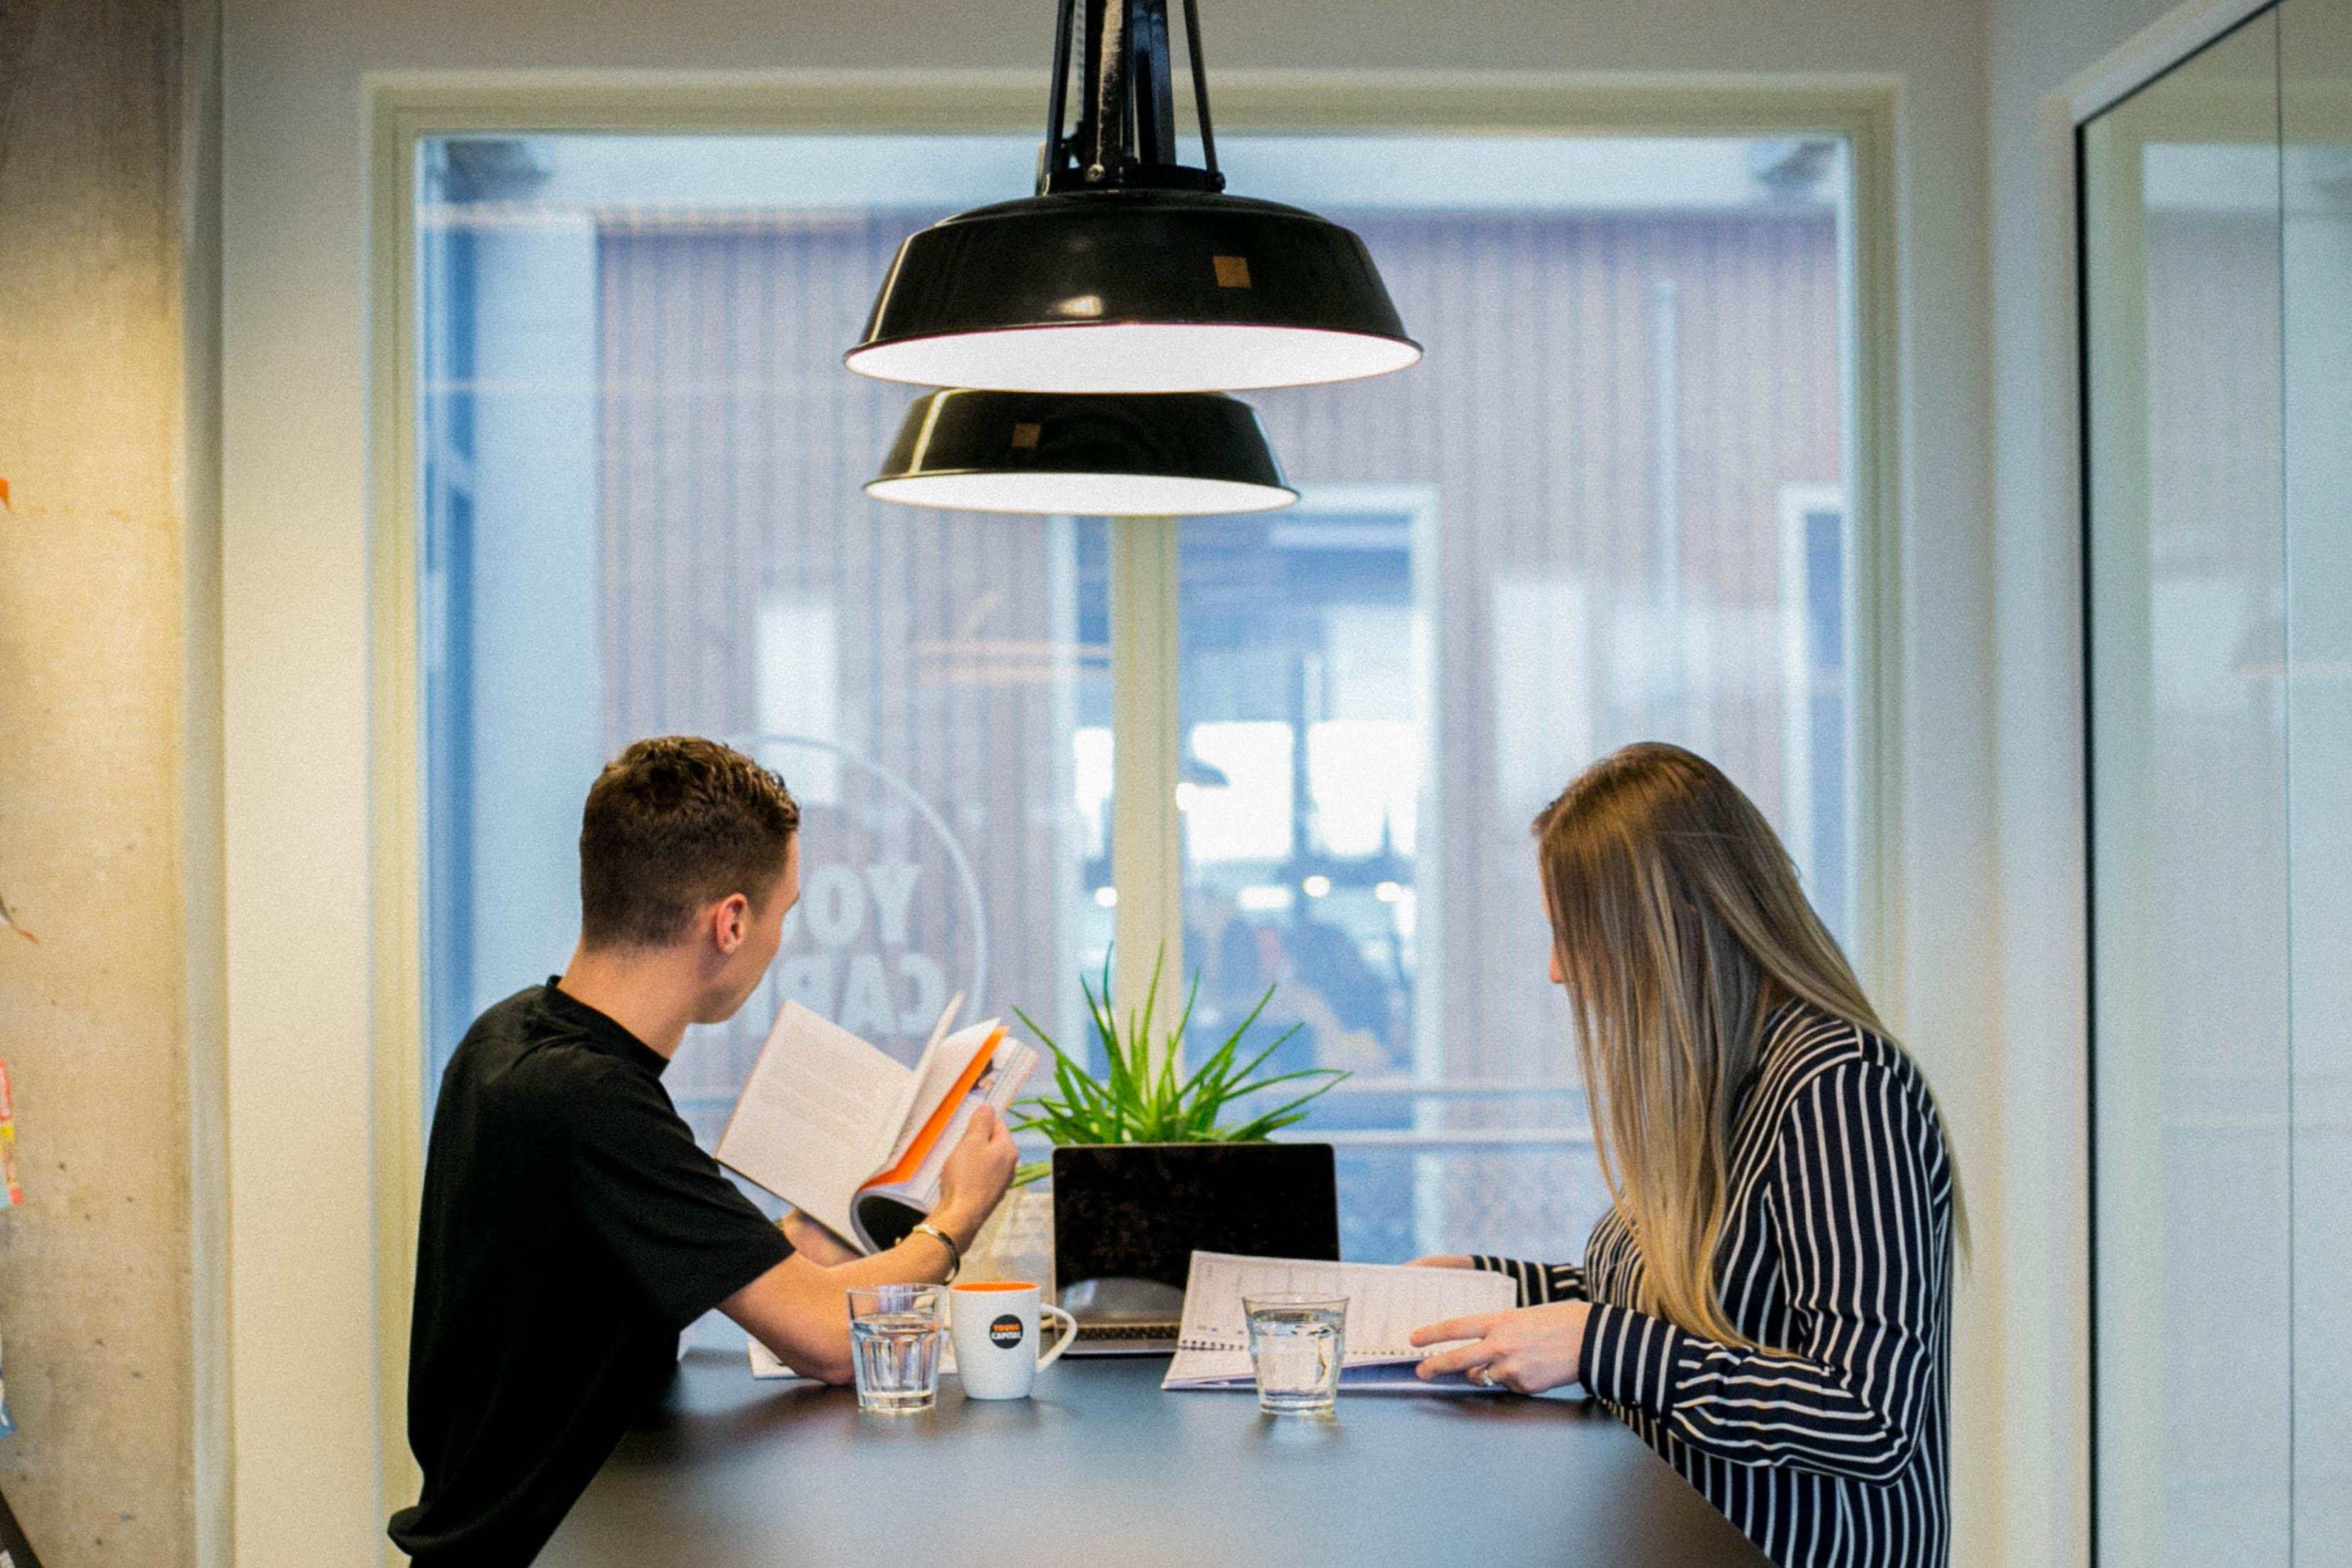 Zwei Personen sitzen am Tisch